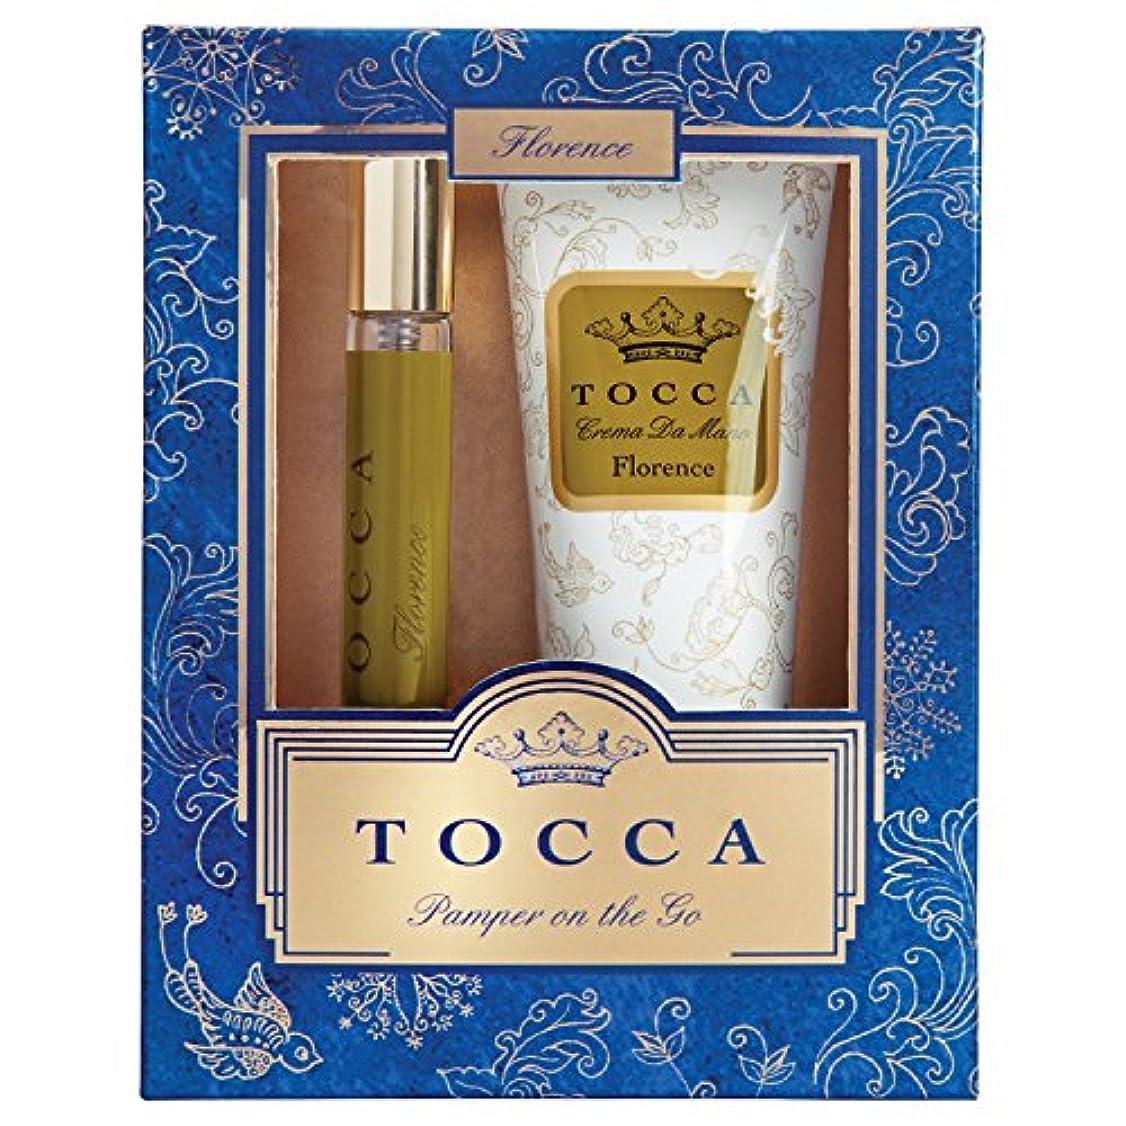 オレンジグラディス作成者トッカ(TOCCA) トラベルパンパーセットギルディッド フローレンスの香り (ハンドクリーム&香水、限定コフレ)